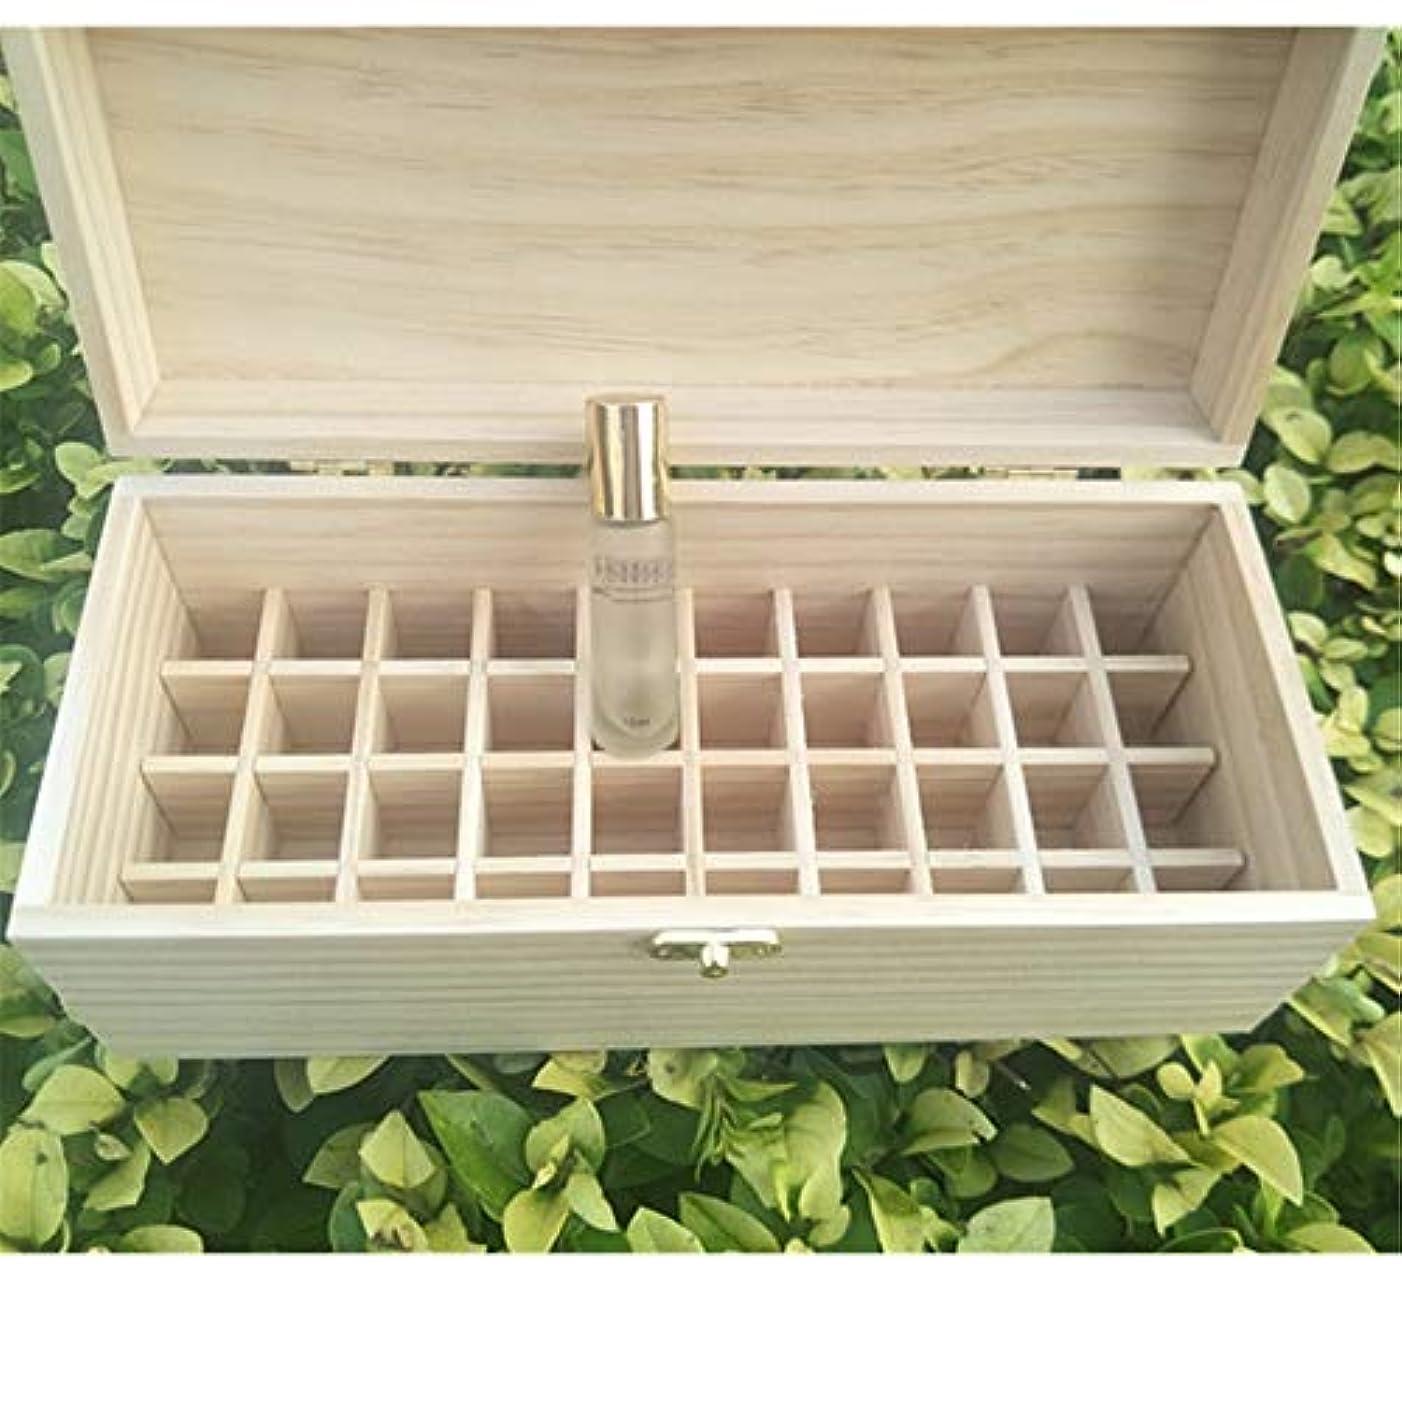 夕食を食べるはげ情緒的エッセンシャルオイルの保管 40スロット木製エッセンシャルオイルの収納ボックスは40の10mlの油のボトルを保持します (色 : Natural, サイズ : 27X11.5X10.3CM)